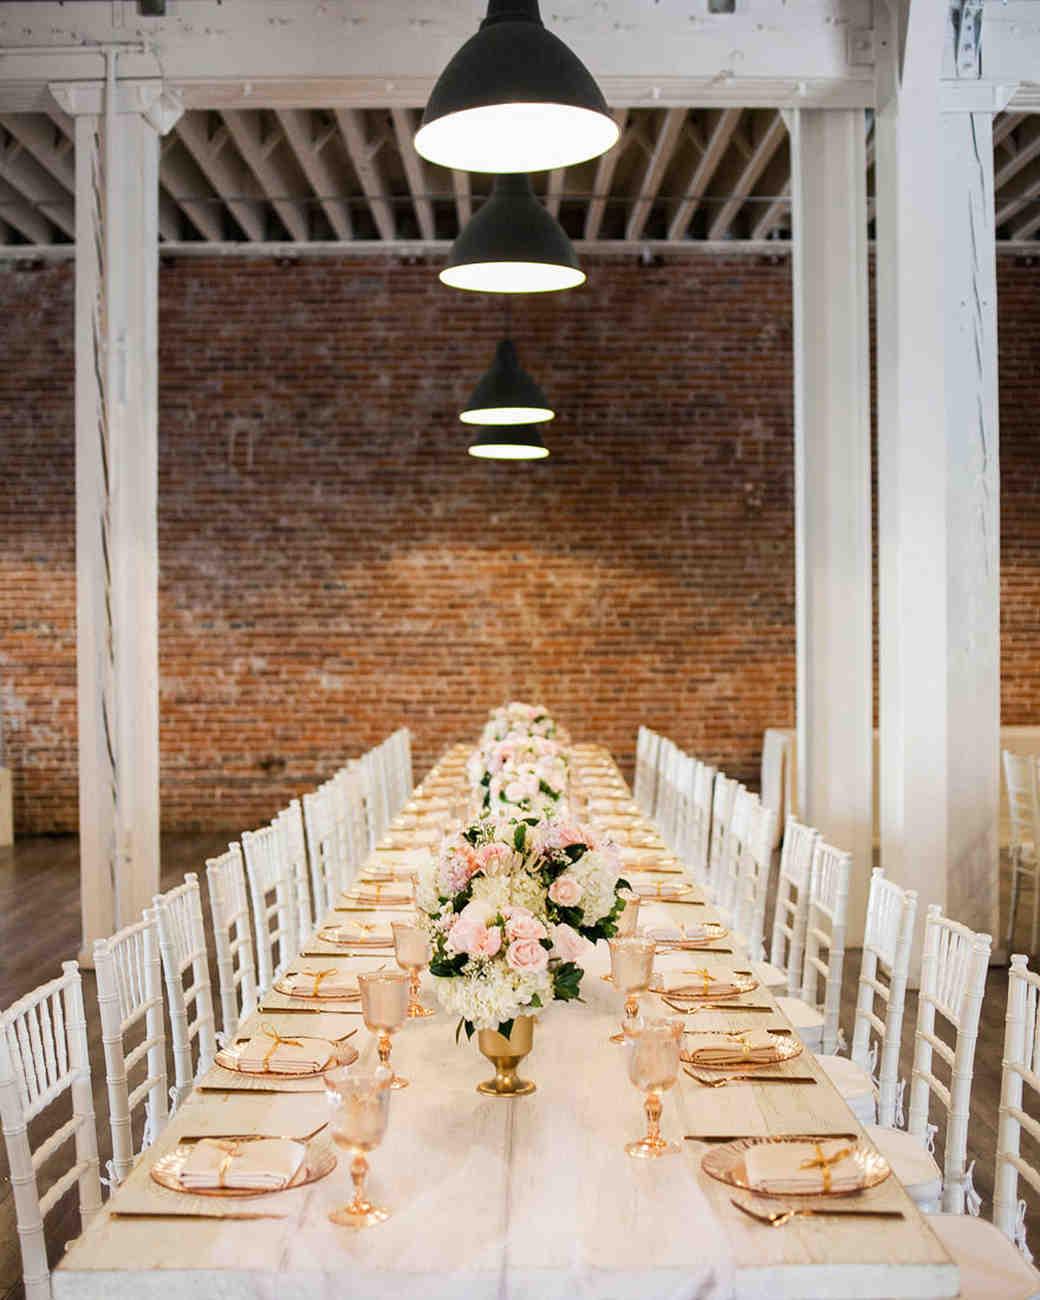 Morning Weddings Brunch Reception